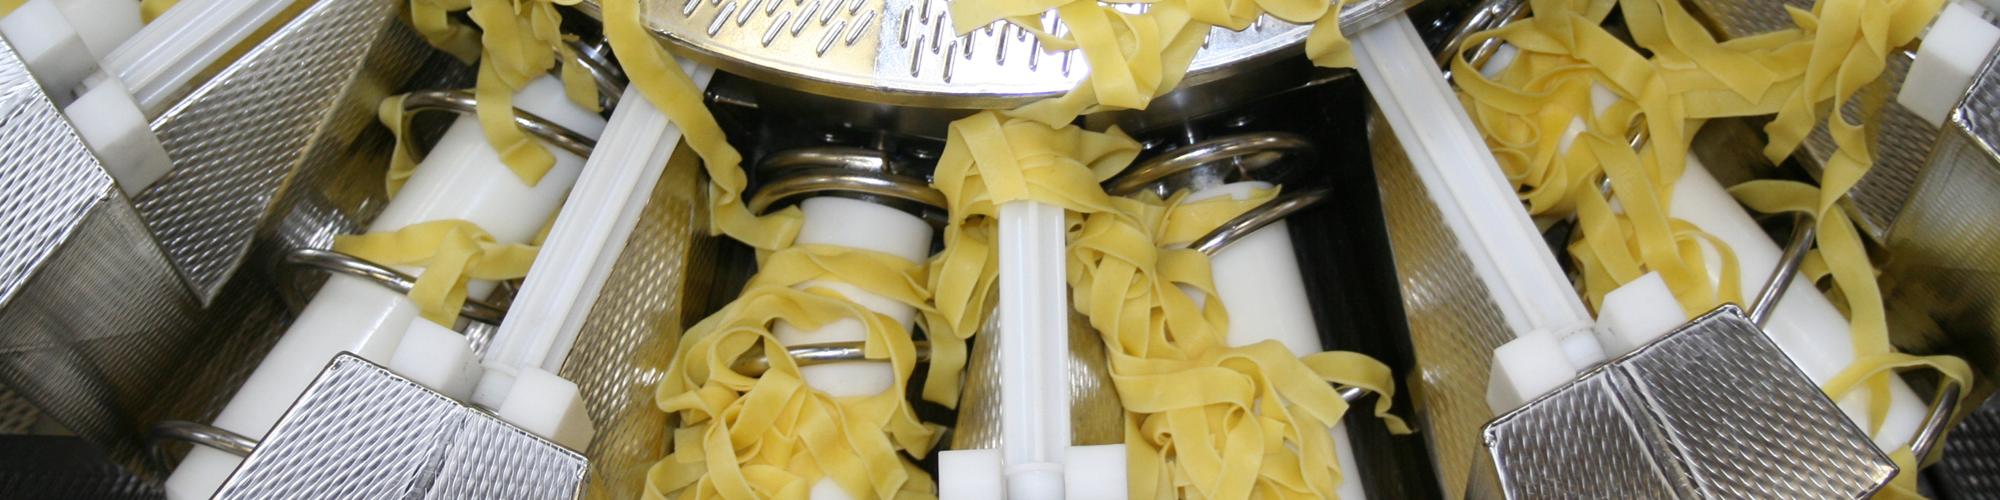 pasta-wet-sticky